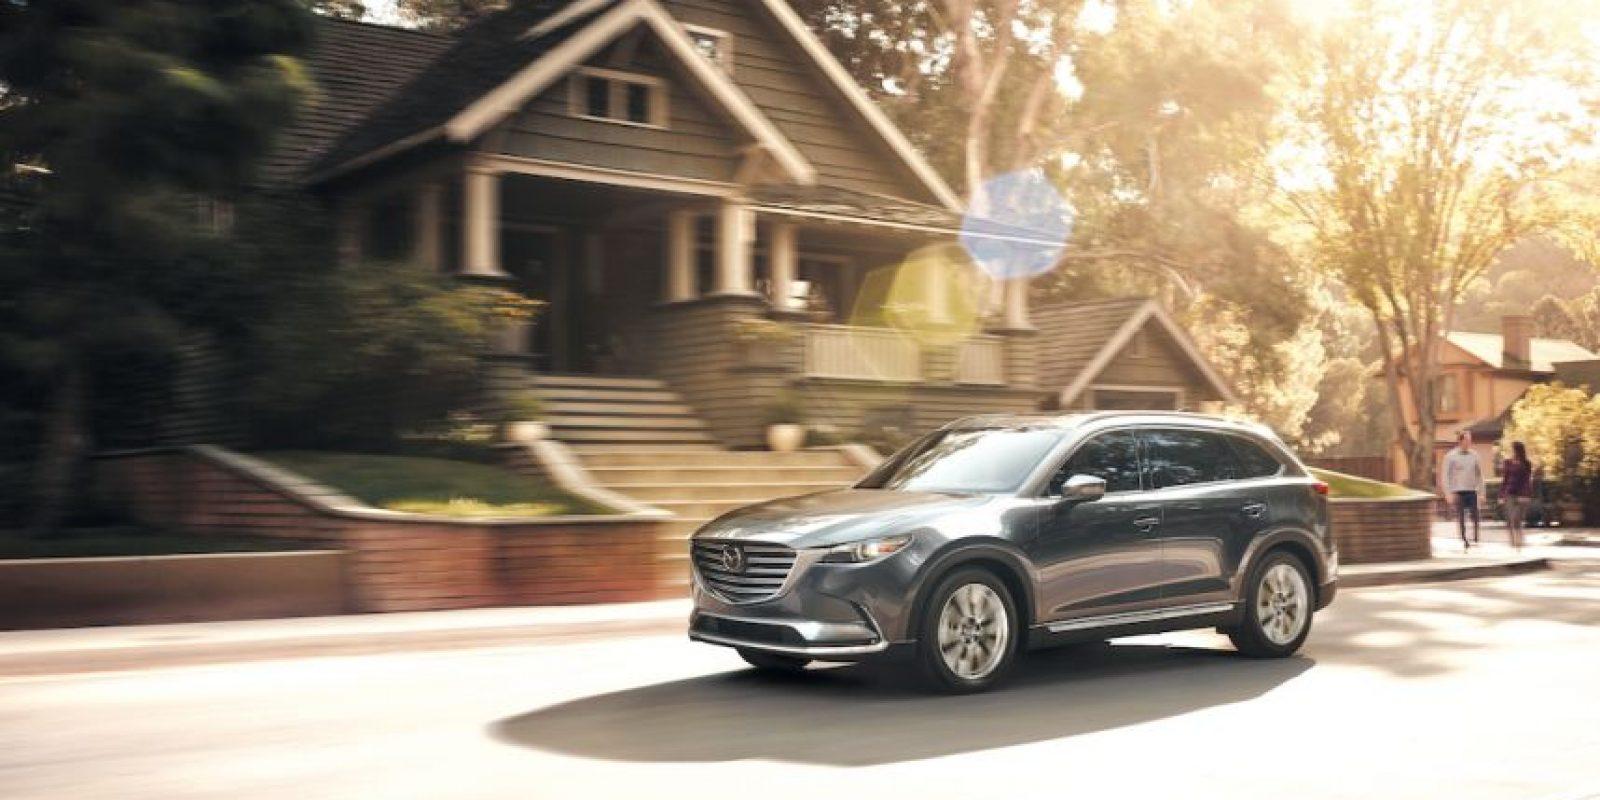 Sus aptitudes off-road te permitirán desafiar la terracería. Foto:Chevrolet